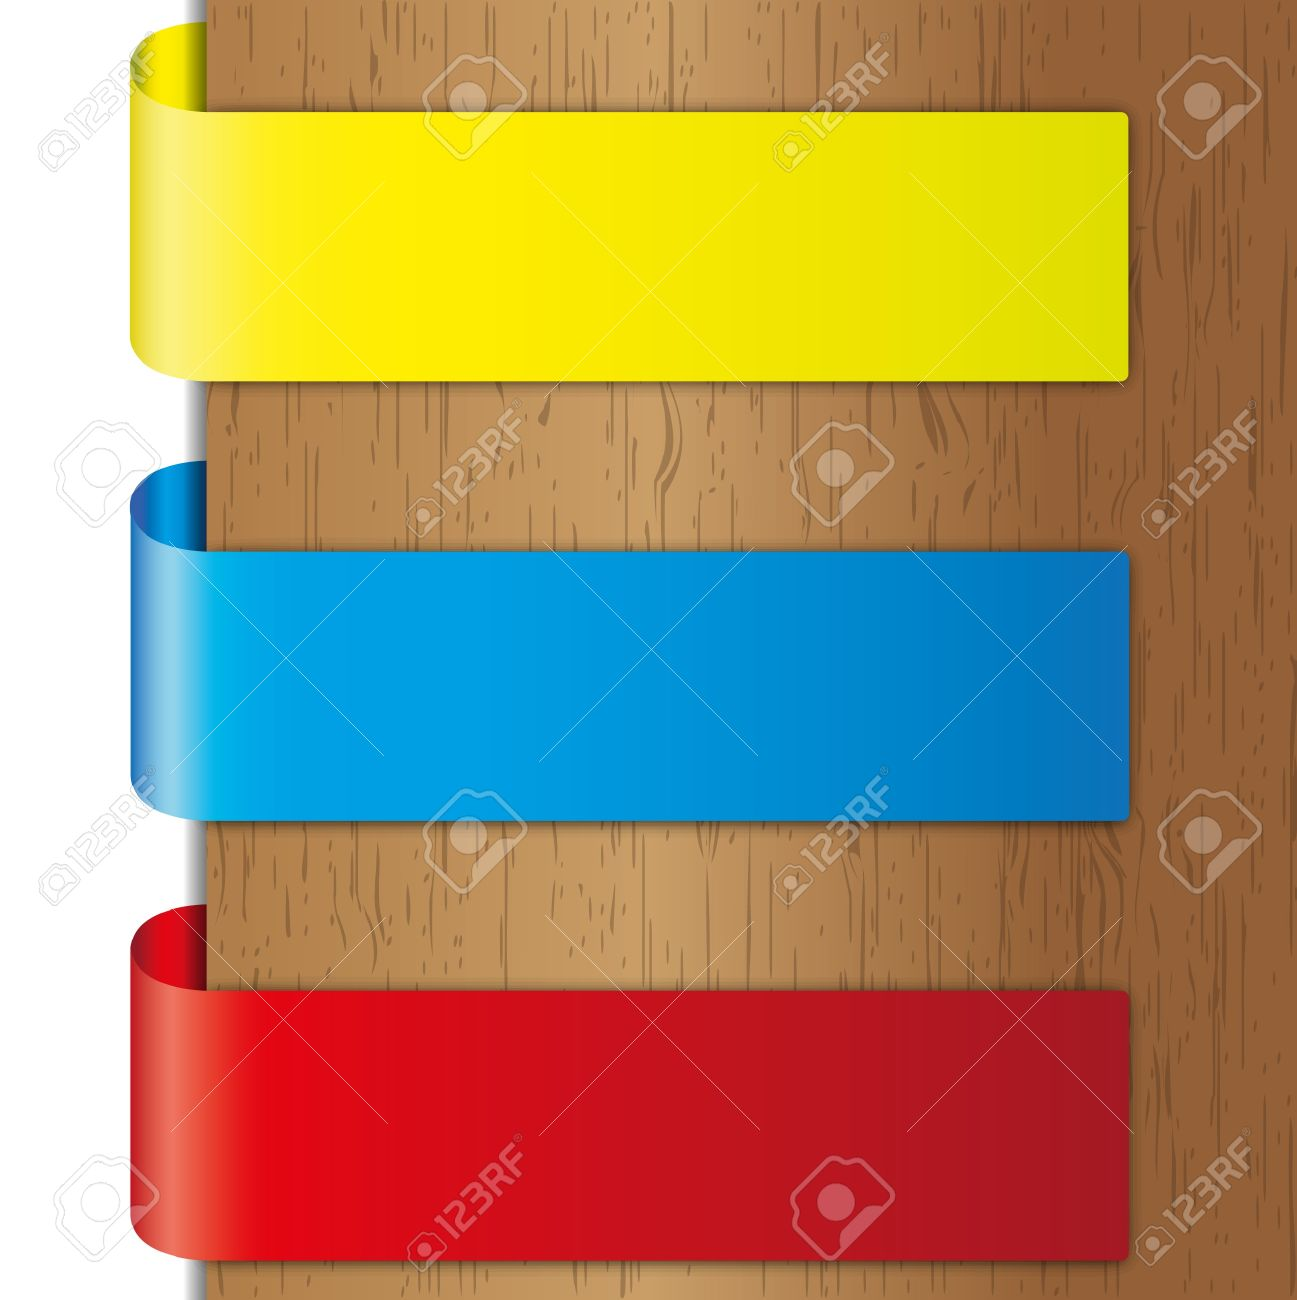 werben tri farben broschüre und aufkleber auf holz hintergründe